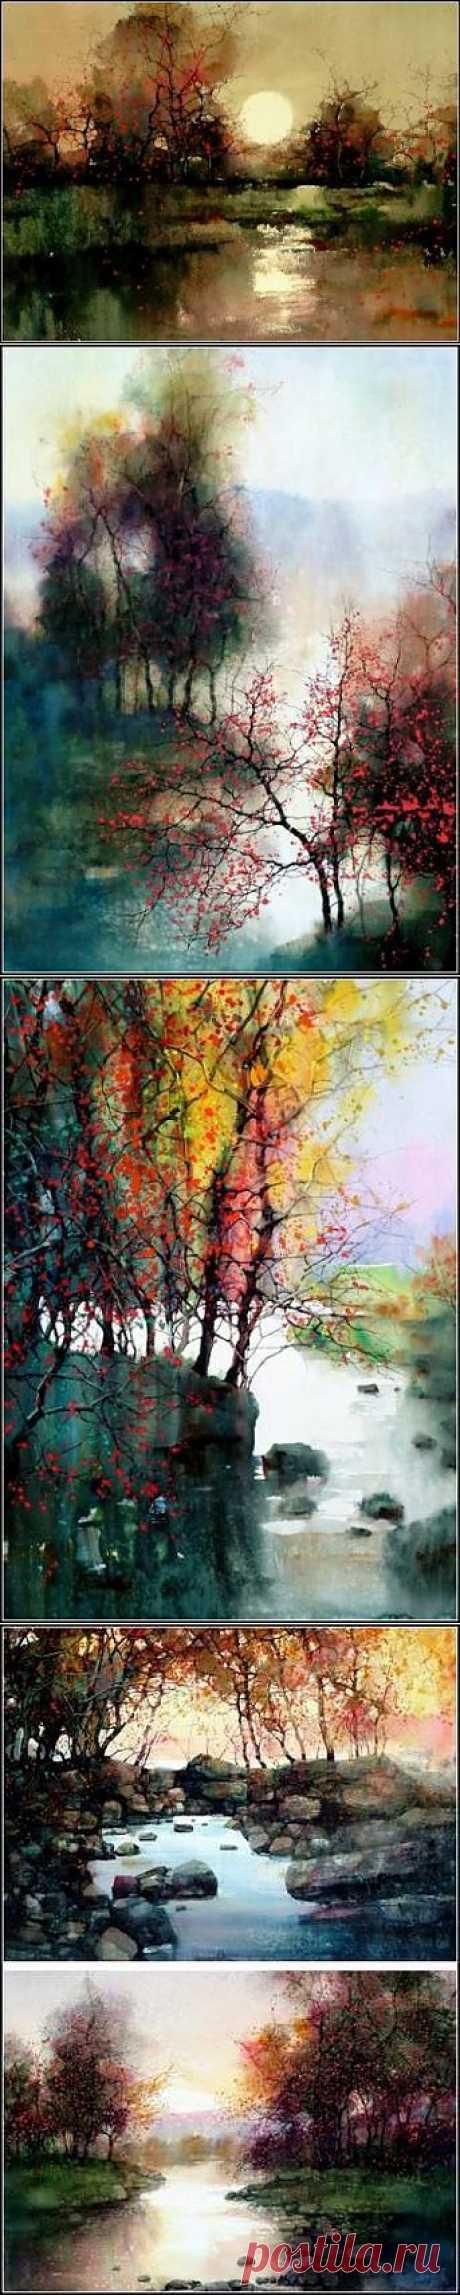 Осенние кляксы художника ZL Feng. Китайский взгляд на американскую природу - Галерея искусств - Для души - Статьи - Школа радости